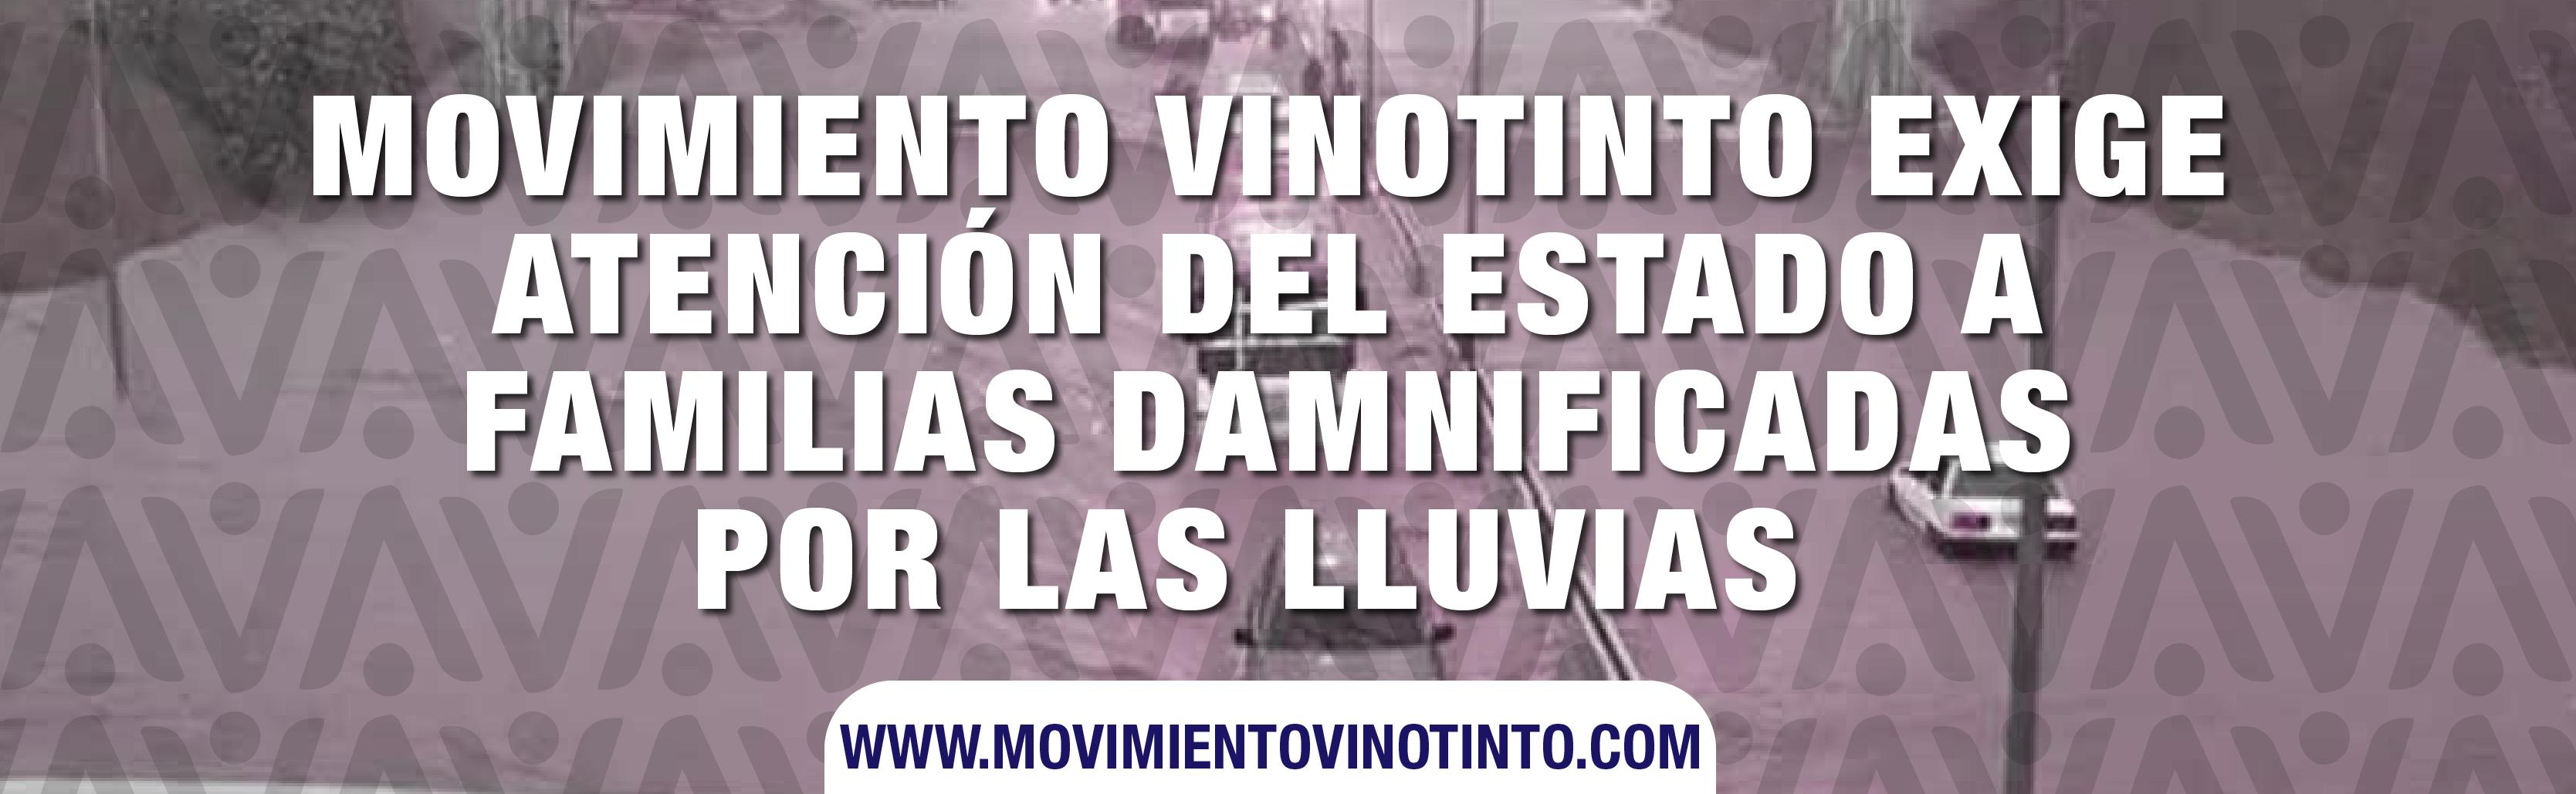 Movimiento Vinotinto exige atención del Estado a familias damnificadas por las lluvias